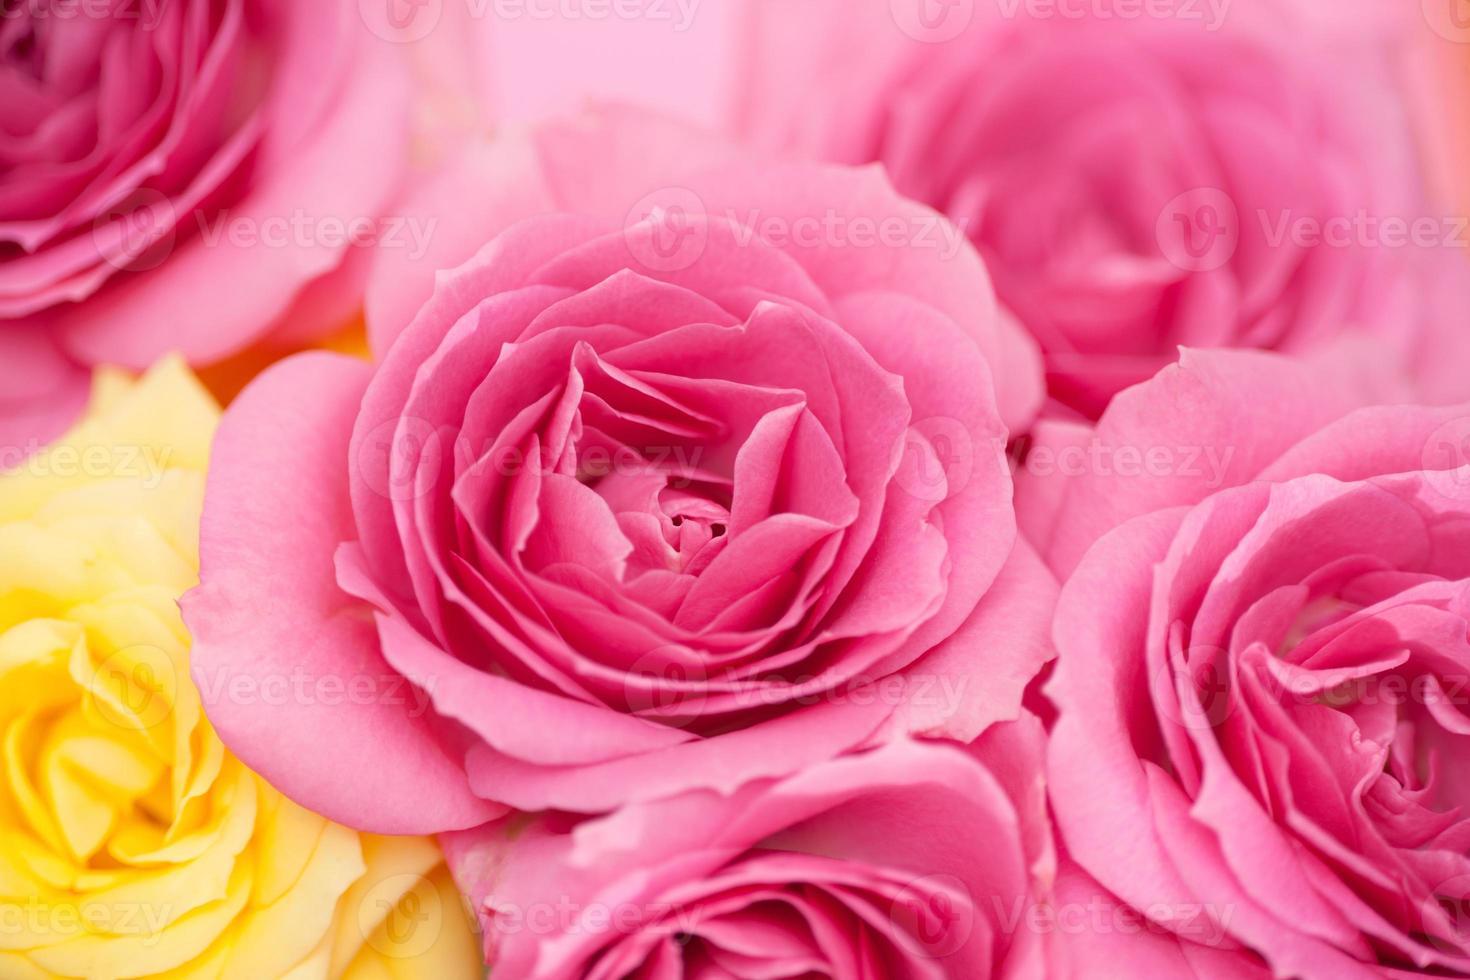 flor de rosas rosadas foto